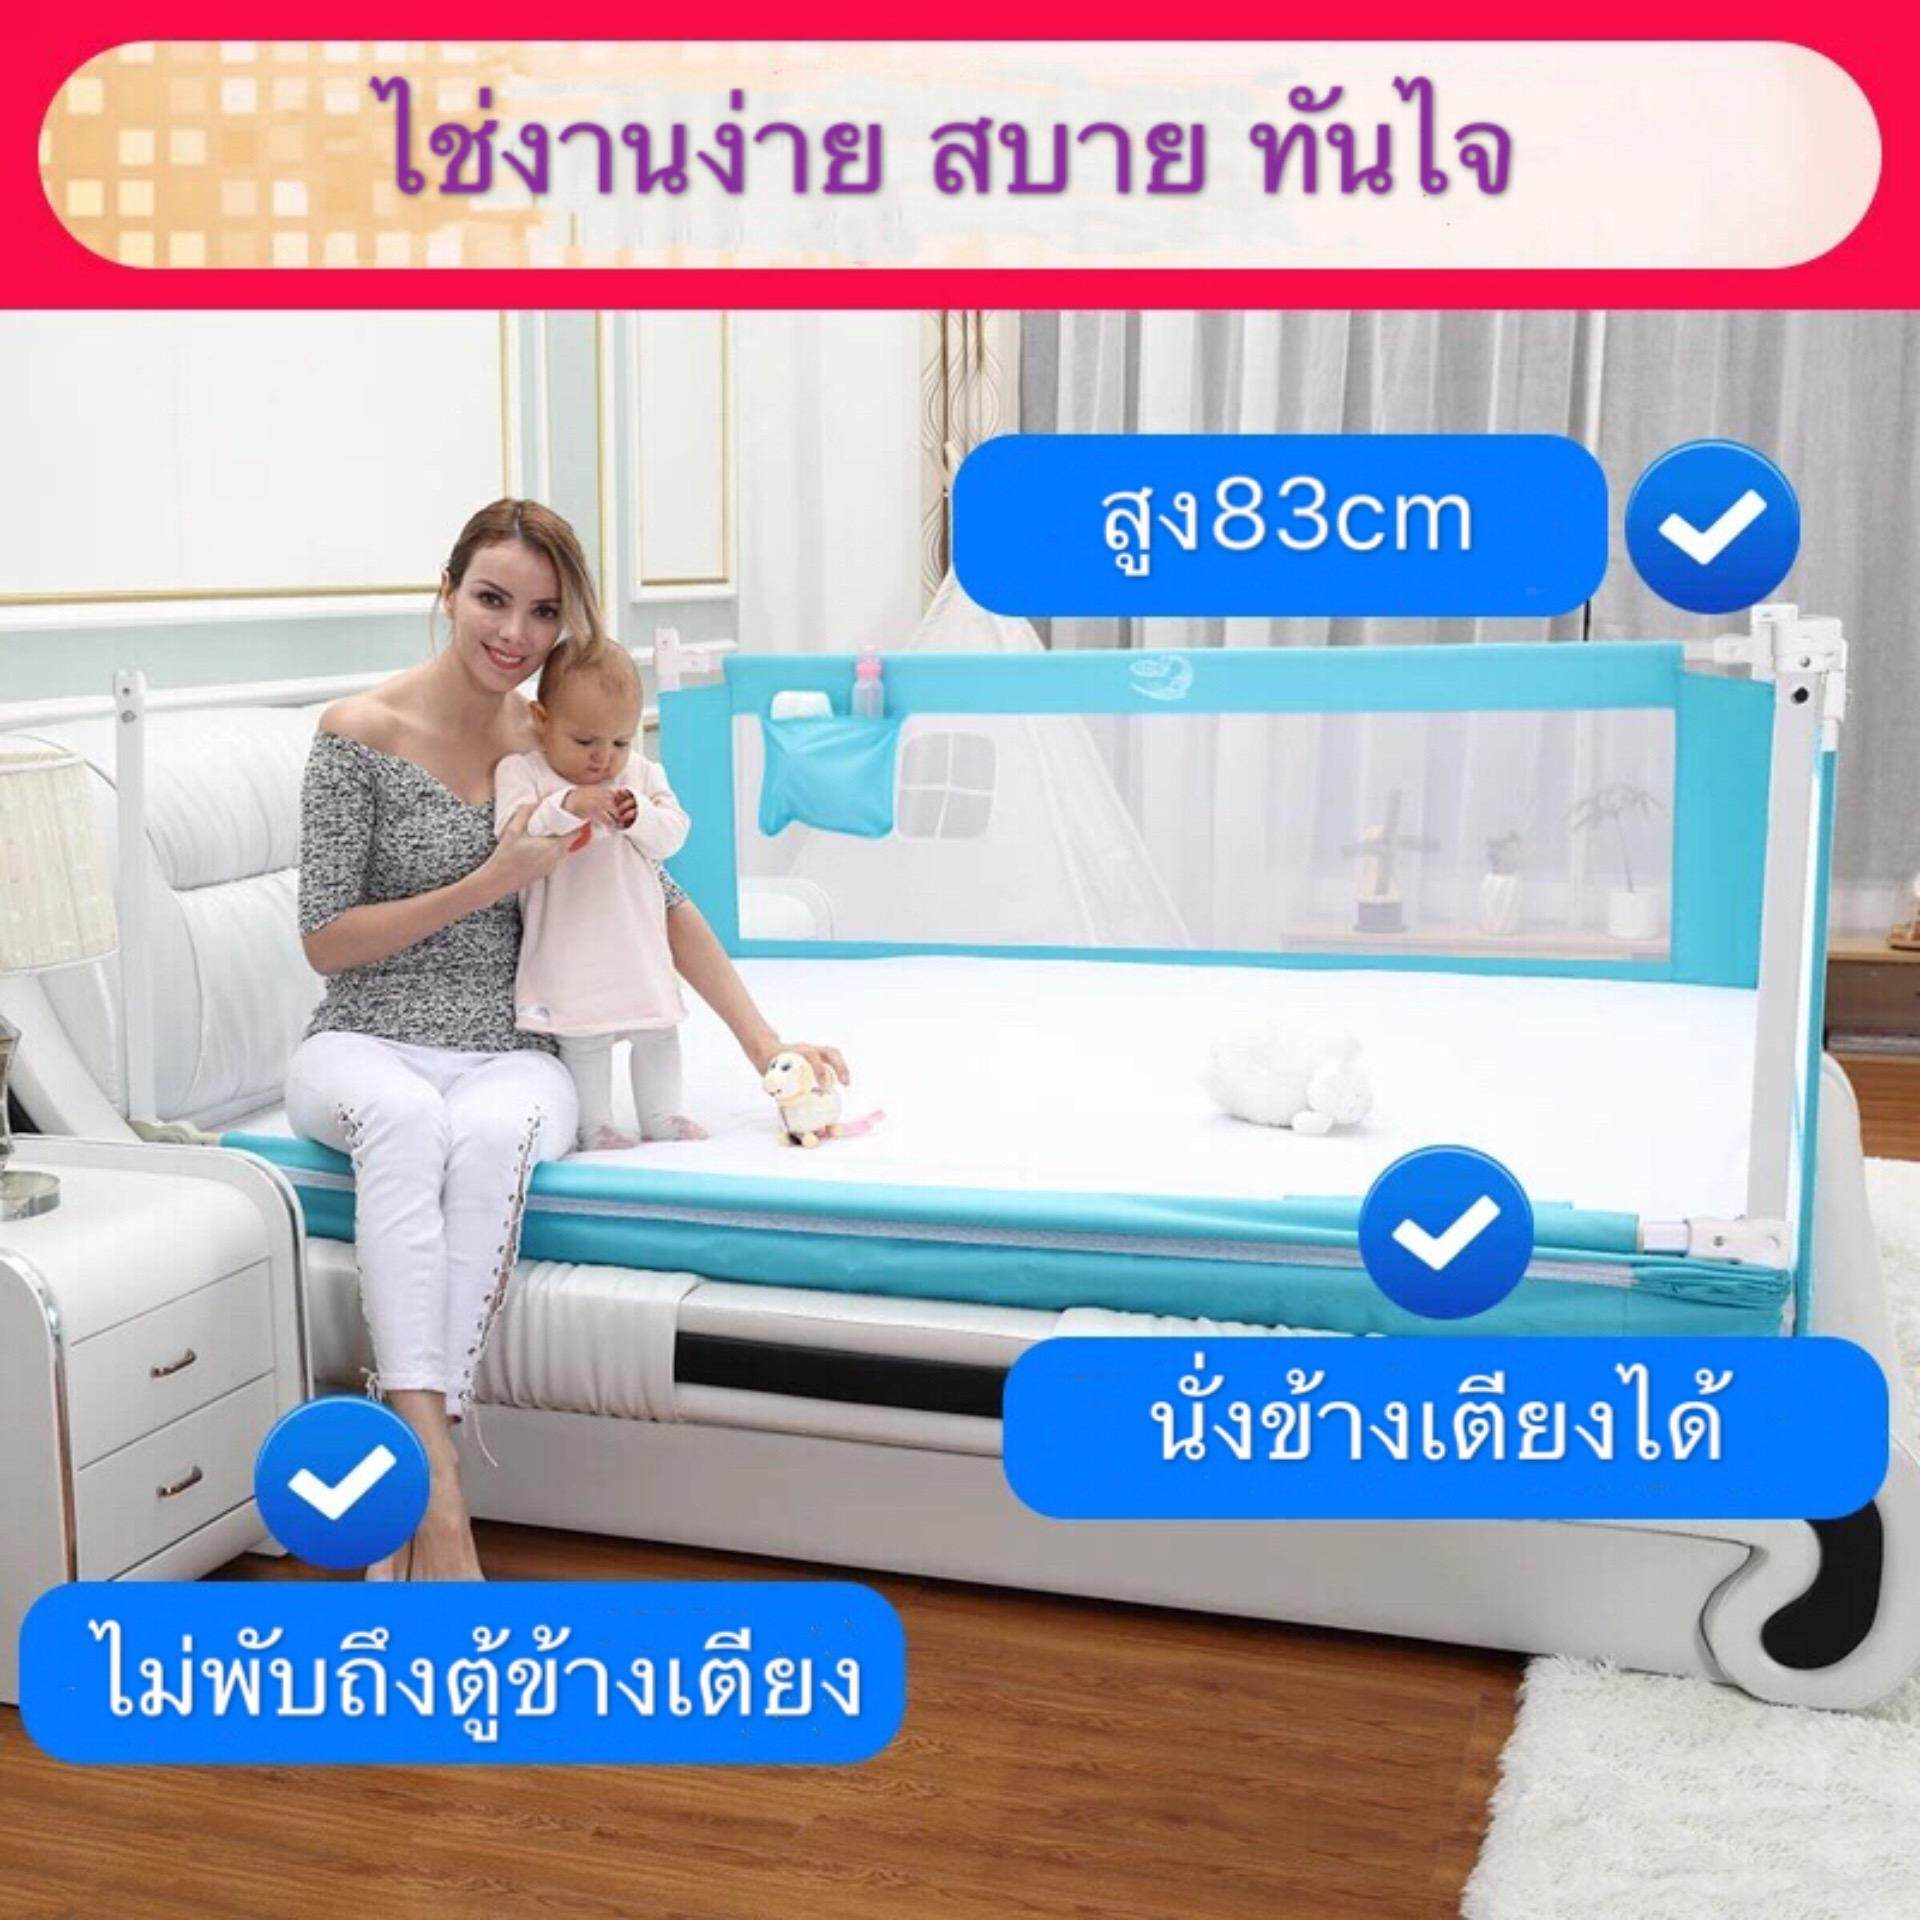 ที่กั้นเตียง Kde สูง83cm ป้องกันเด็กตกจากเตียง  สีฟ้า สีชมพู 1.8m กับ 2m